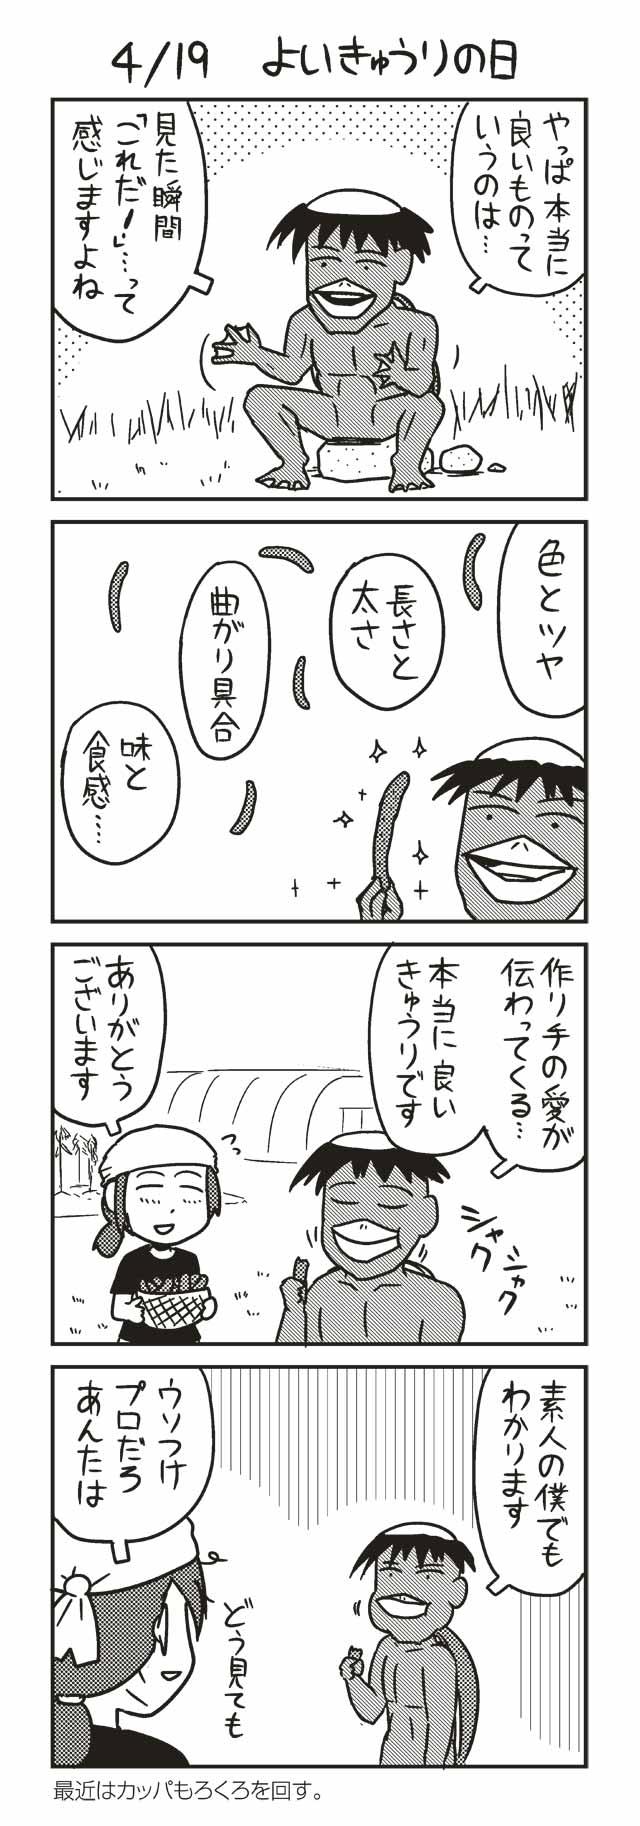 4/19 よいきゅうりの日 『ノヒマンガ』 ポン